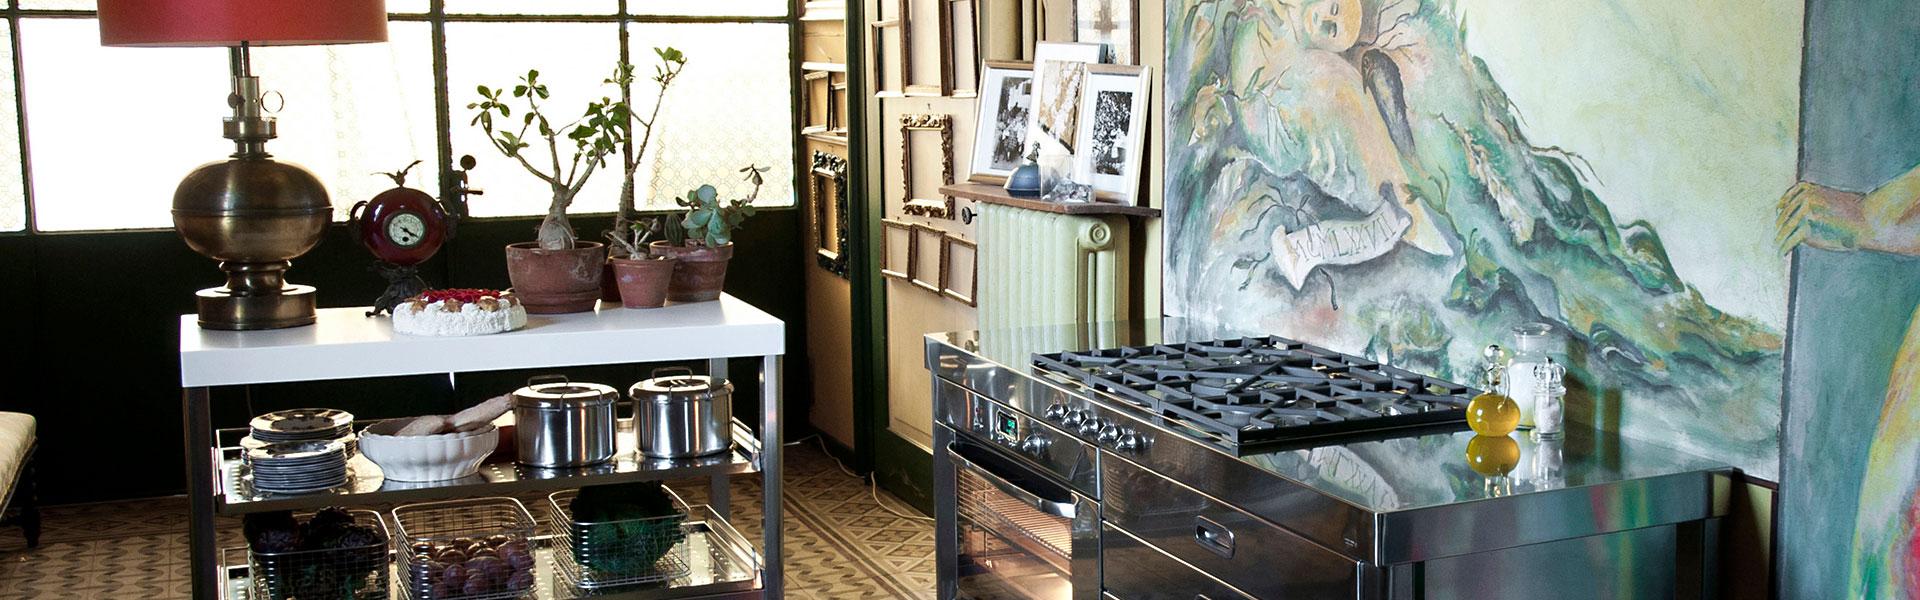 Küche mit Edelstahl-Elementen